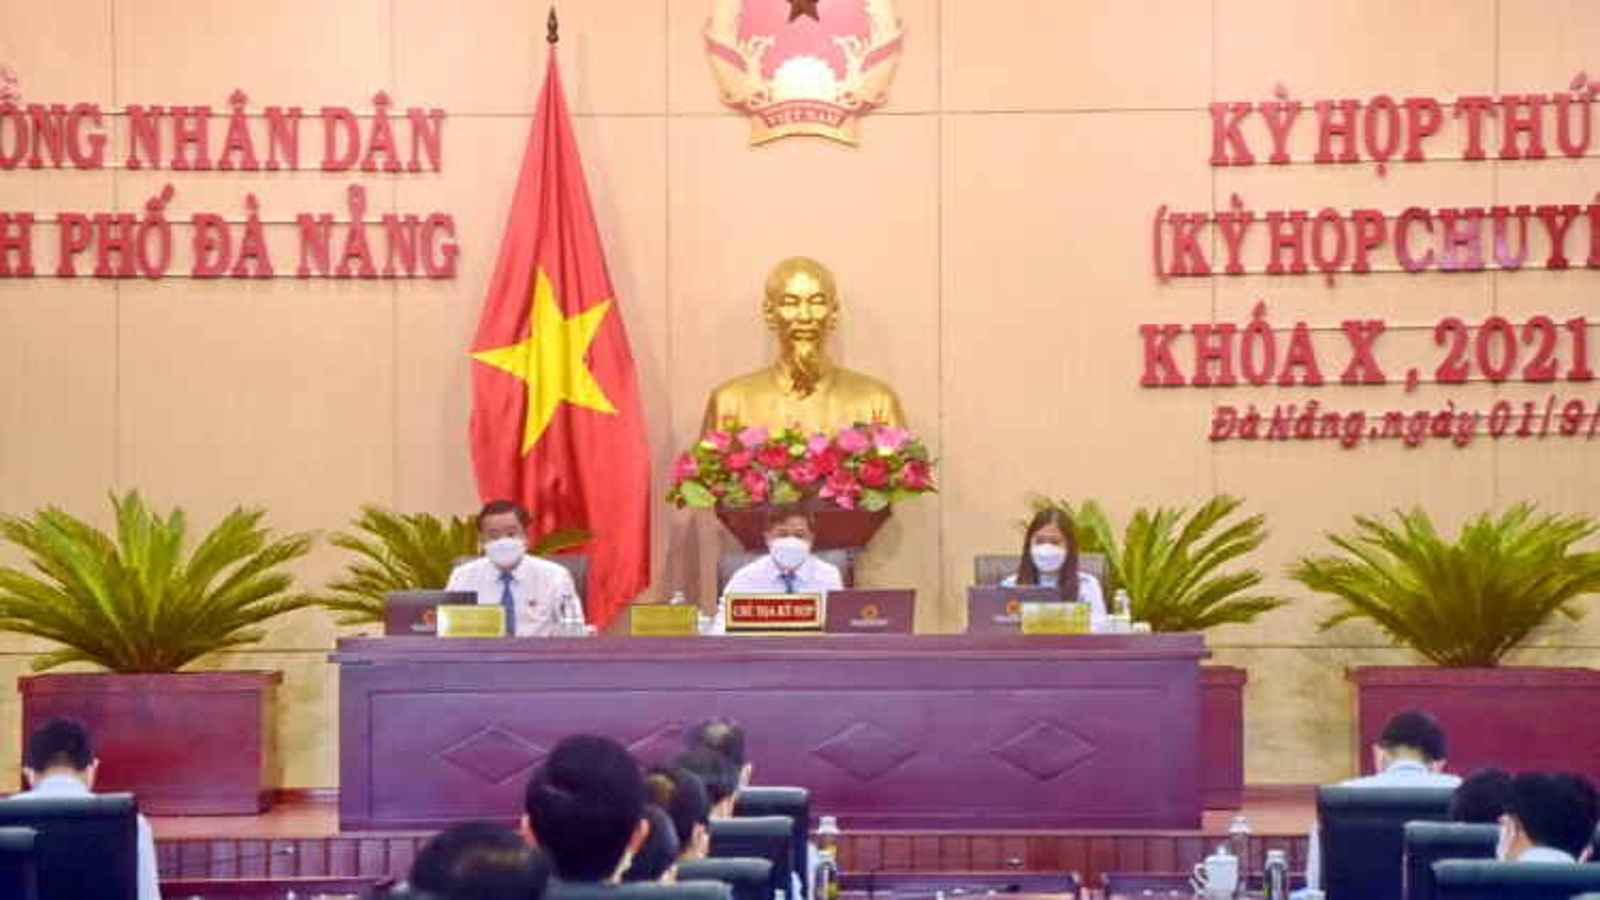 Đà Nẵng bầu 2 Phó Chủ tịch UBND thành phố